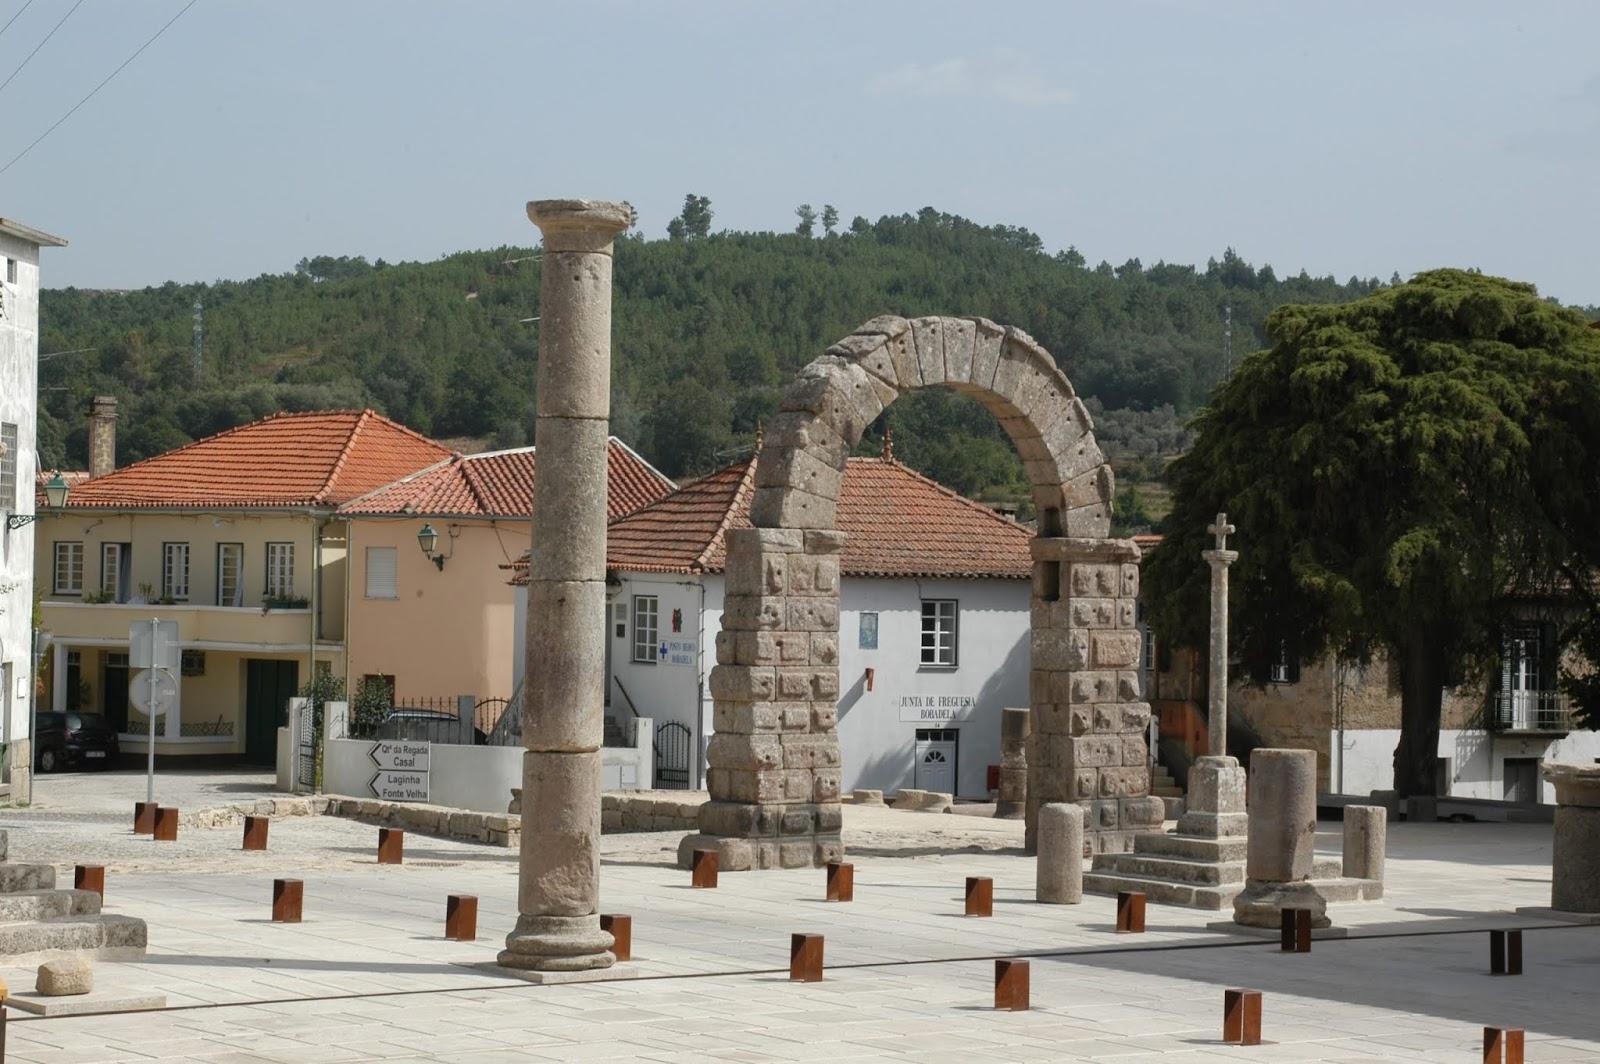 arco romano de Bobadela